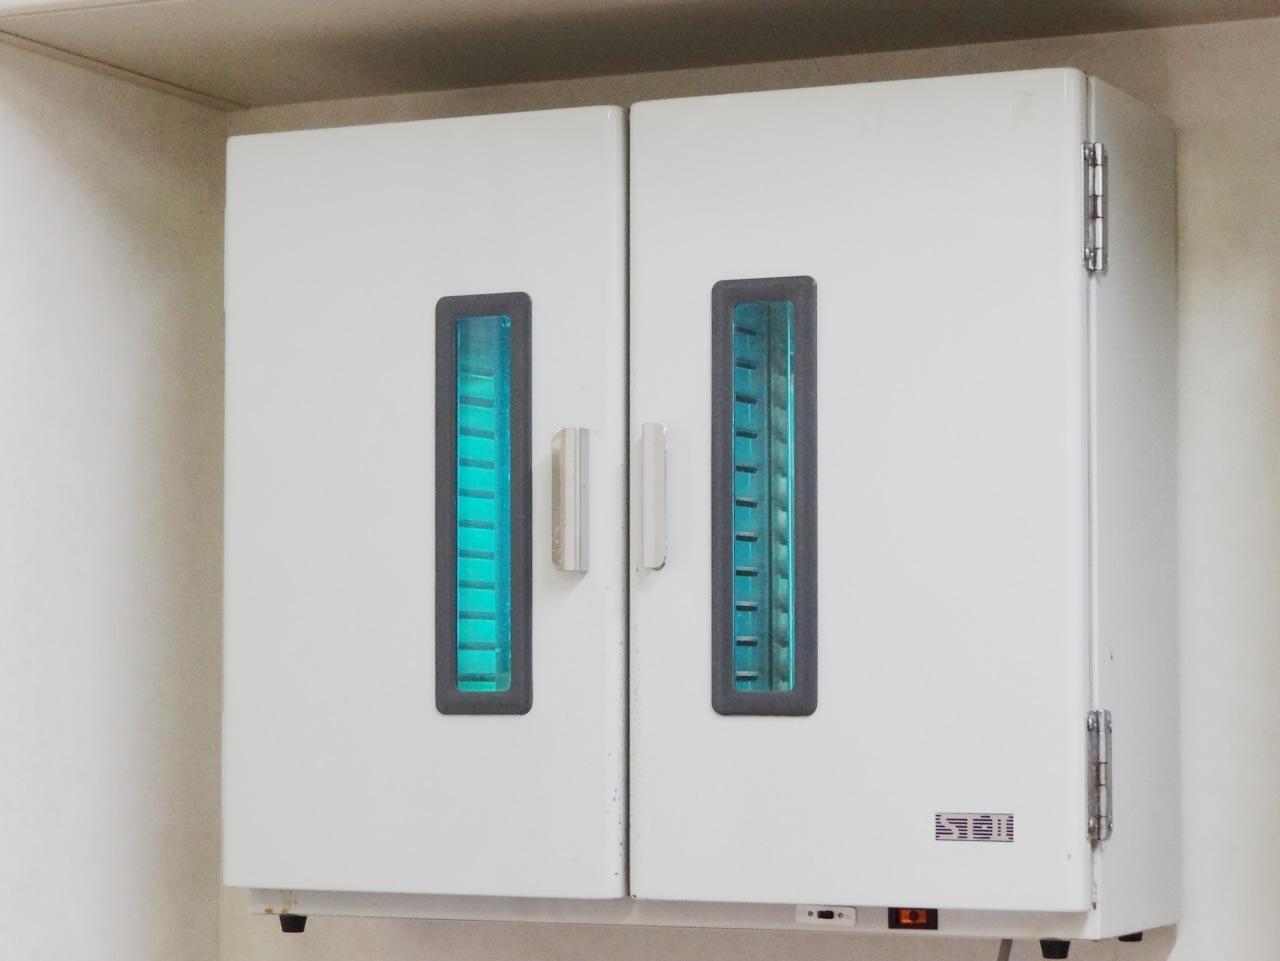 紫外線灯つき保管棚